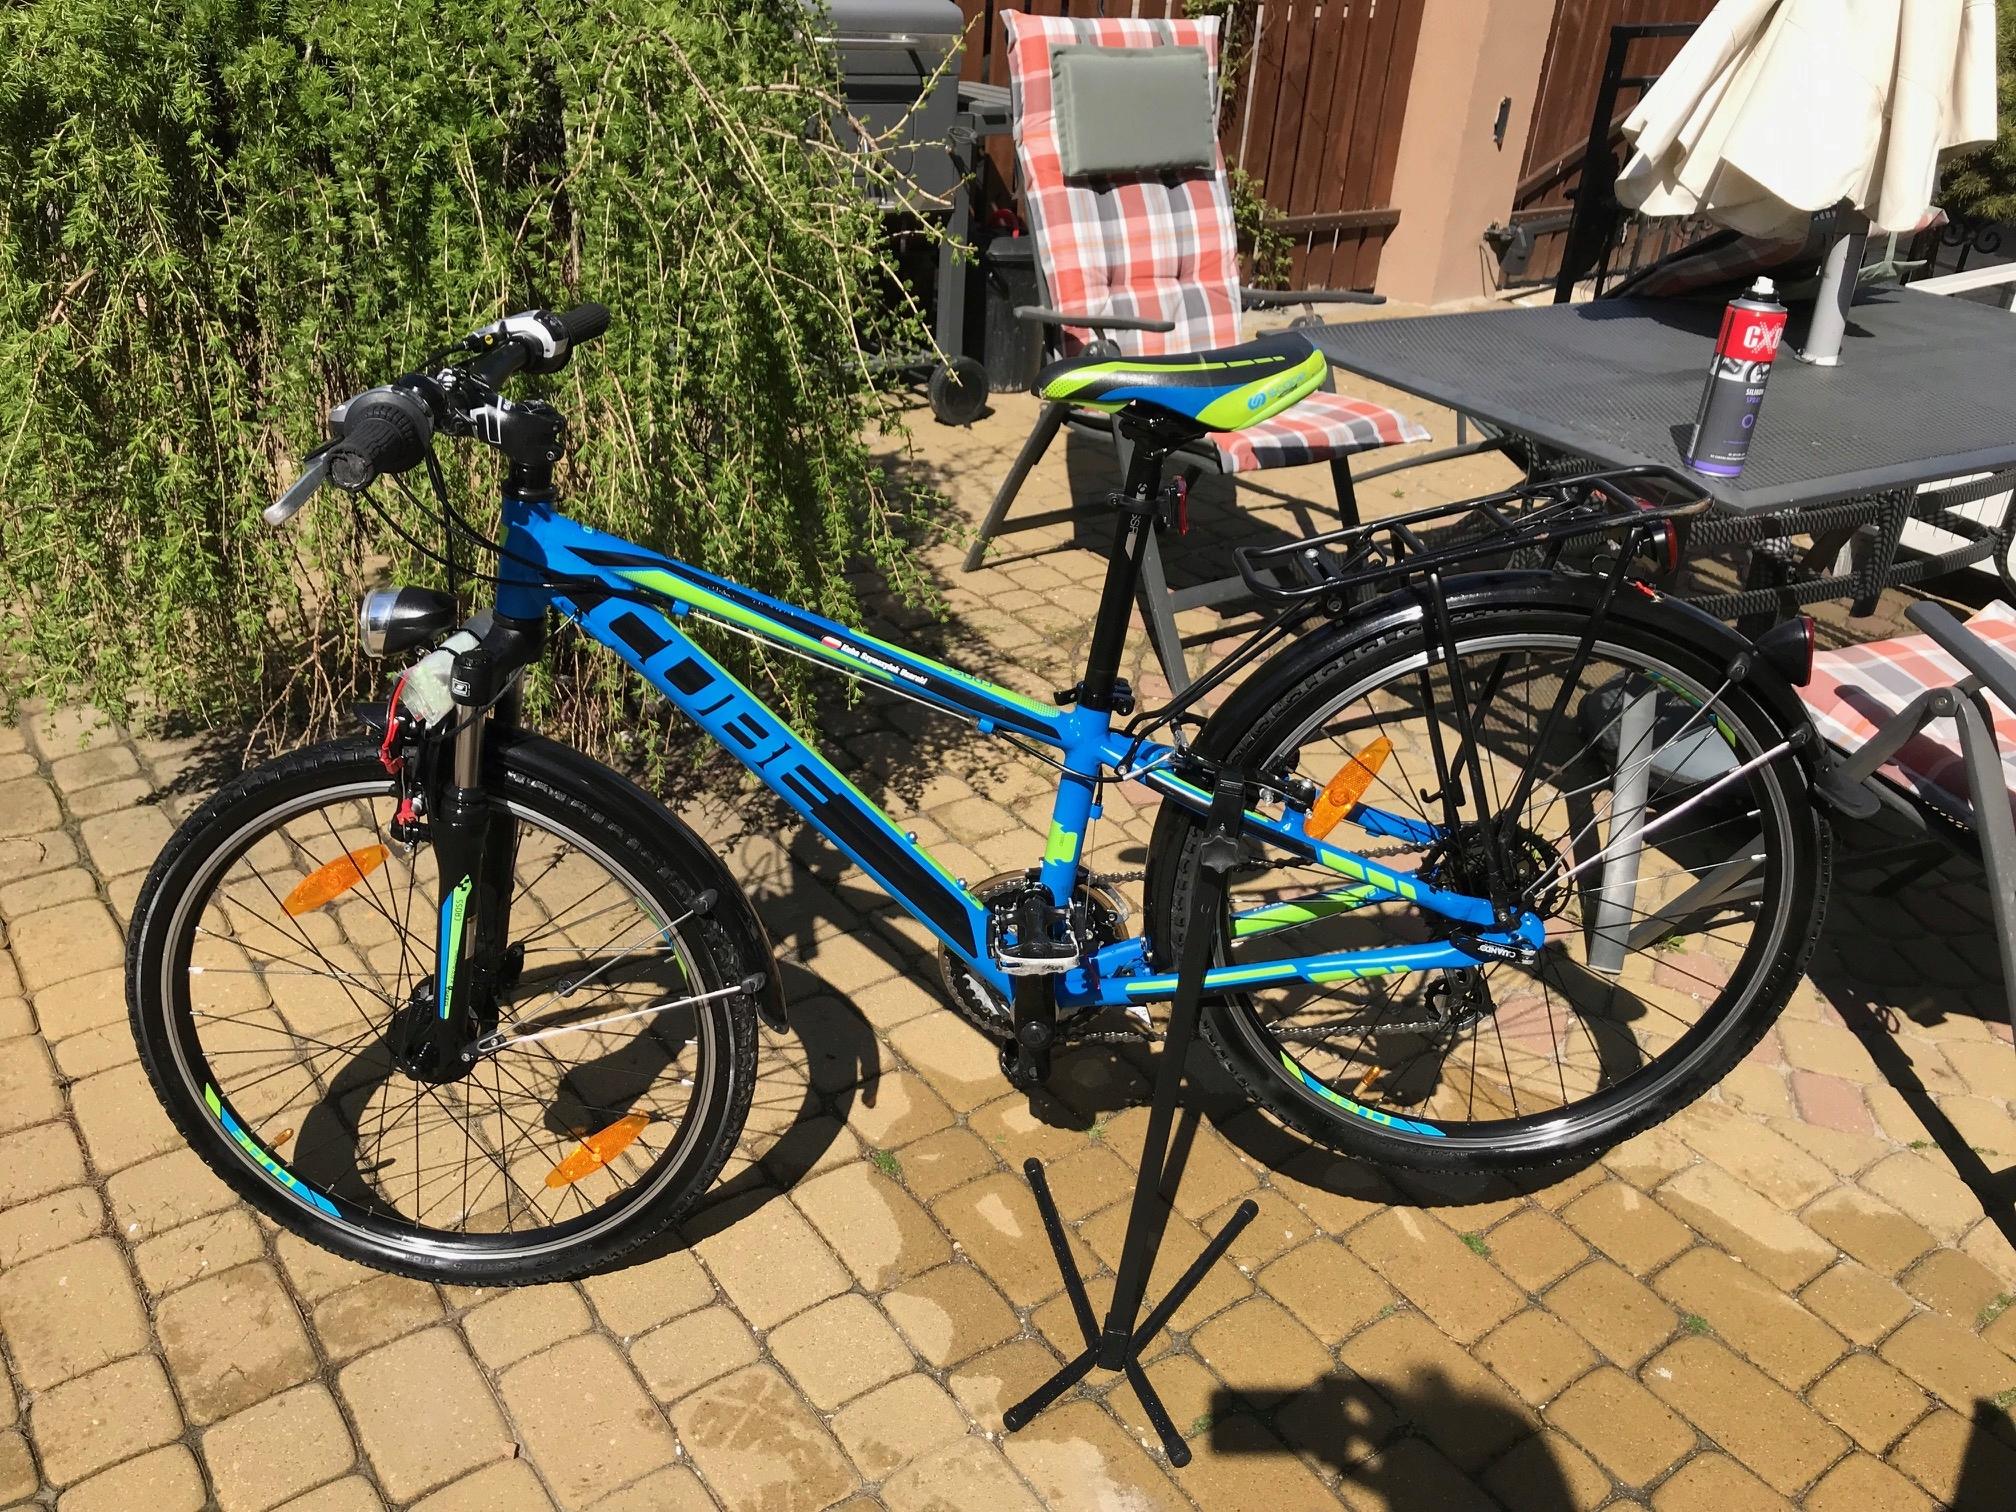 Rowerek dziecięcy CUBE Cross niebieski/zielony